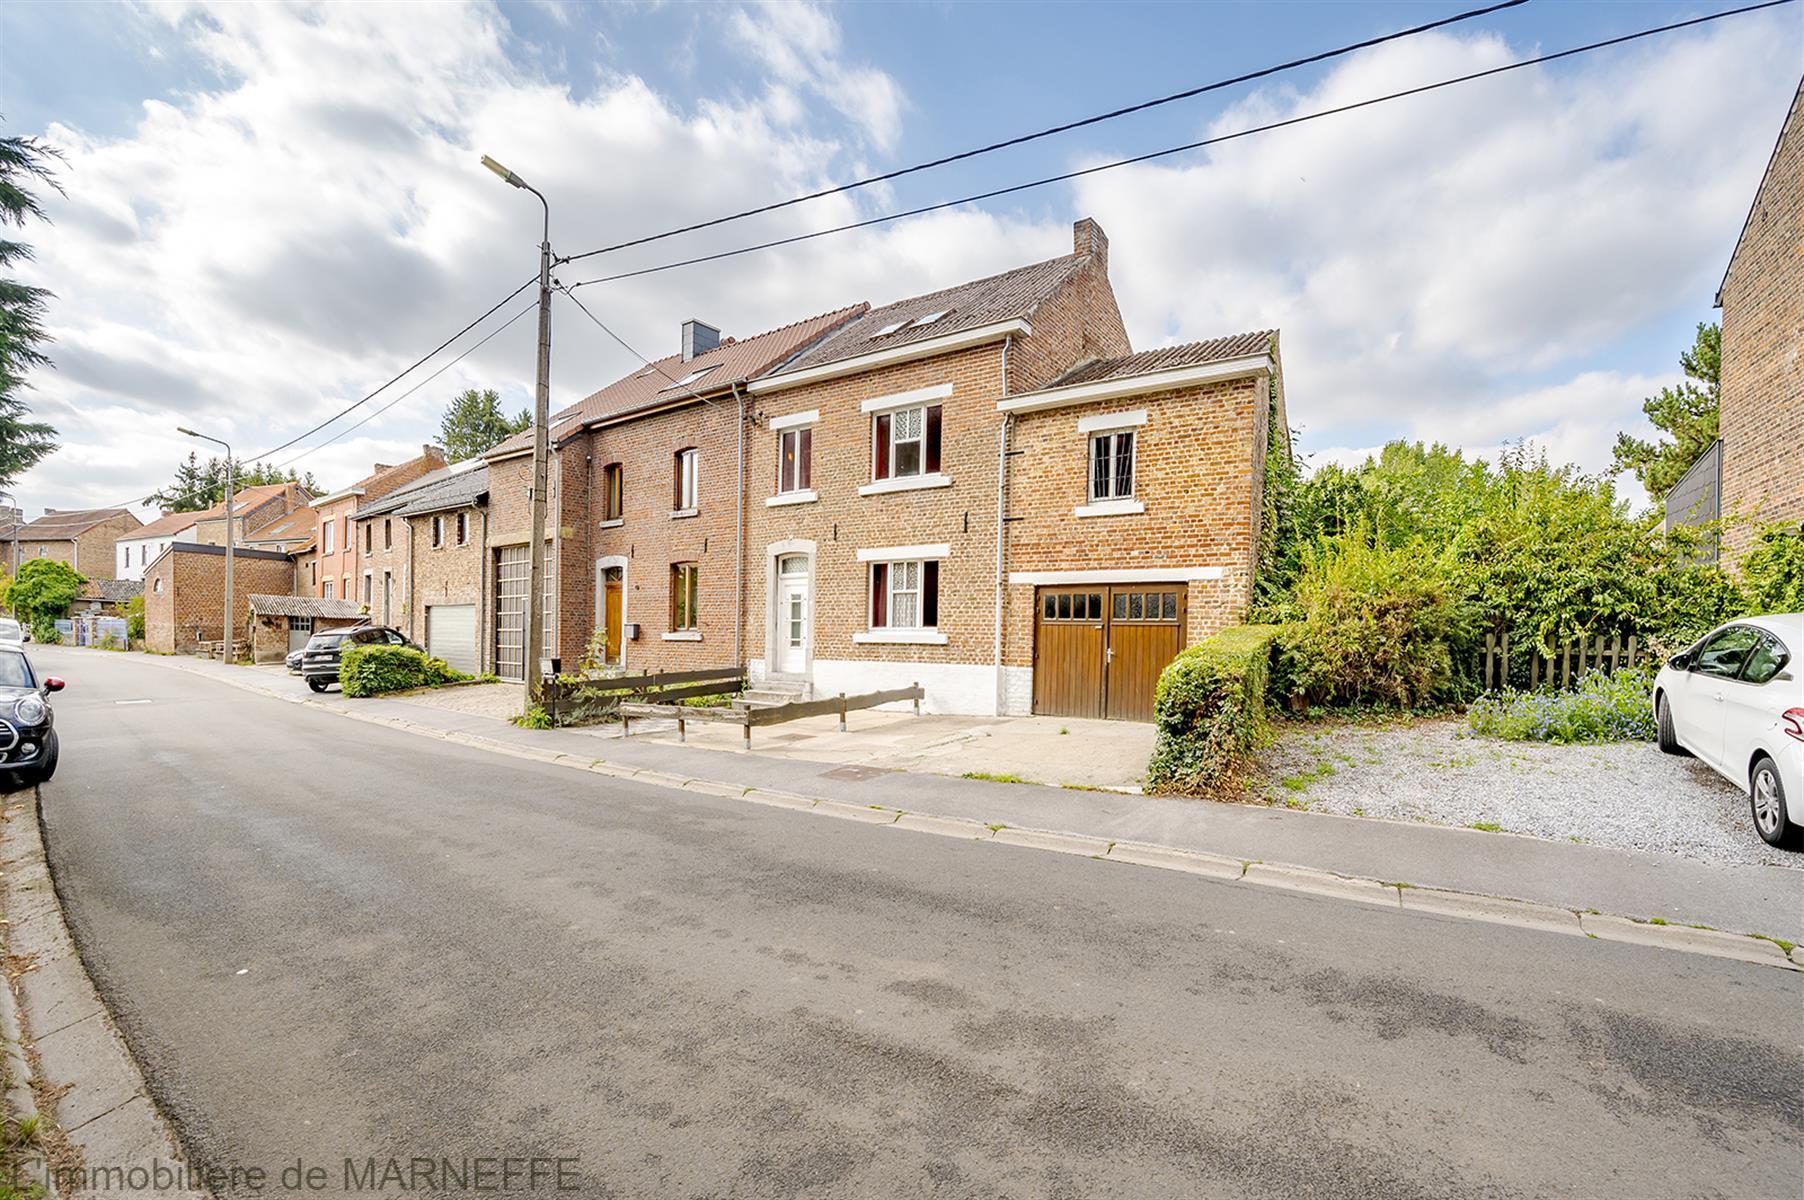 Maison - Braives - #3852553-1